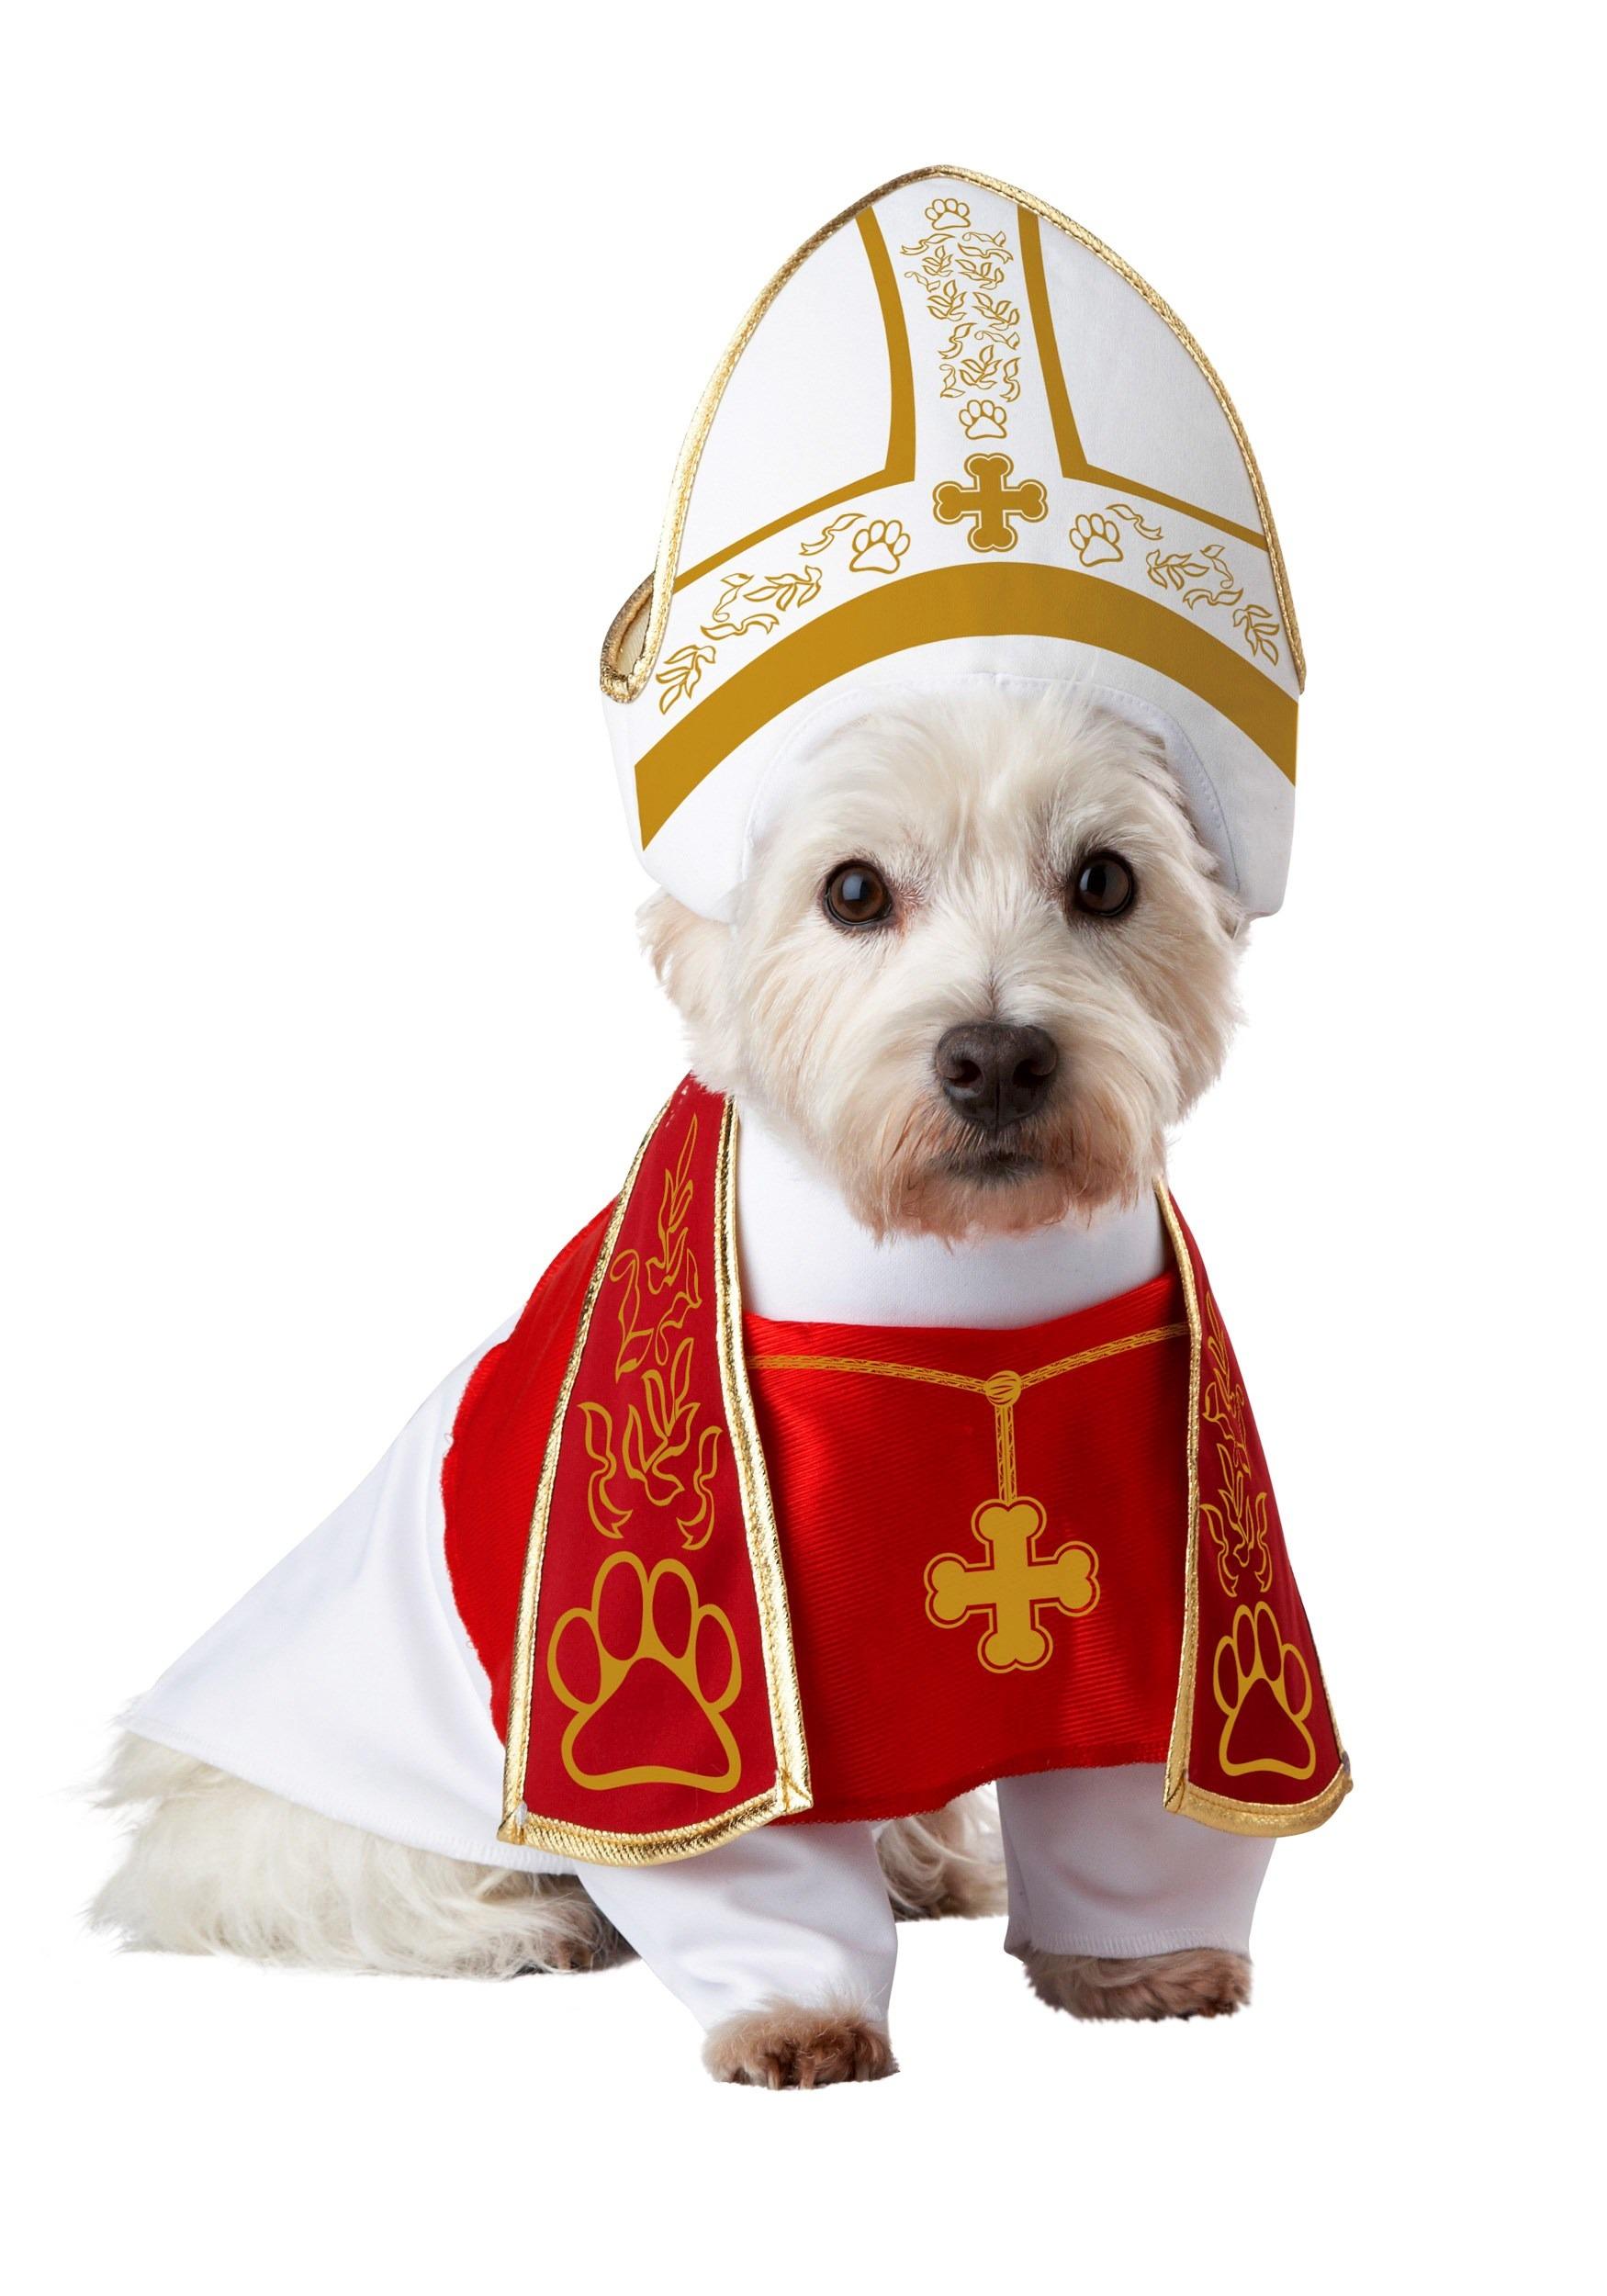 Holy Hound Dog Costume  sc 1 st  Fun.com & Holy Hound Pet Dog Costume